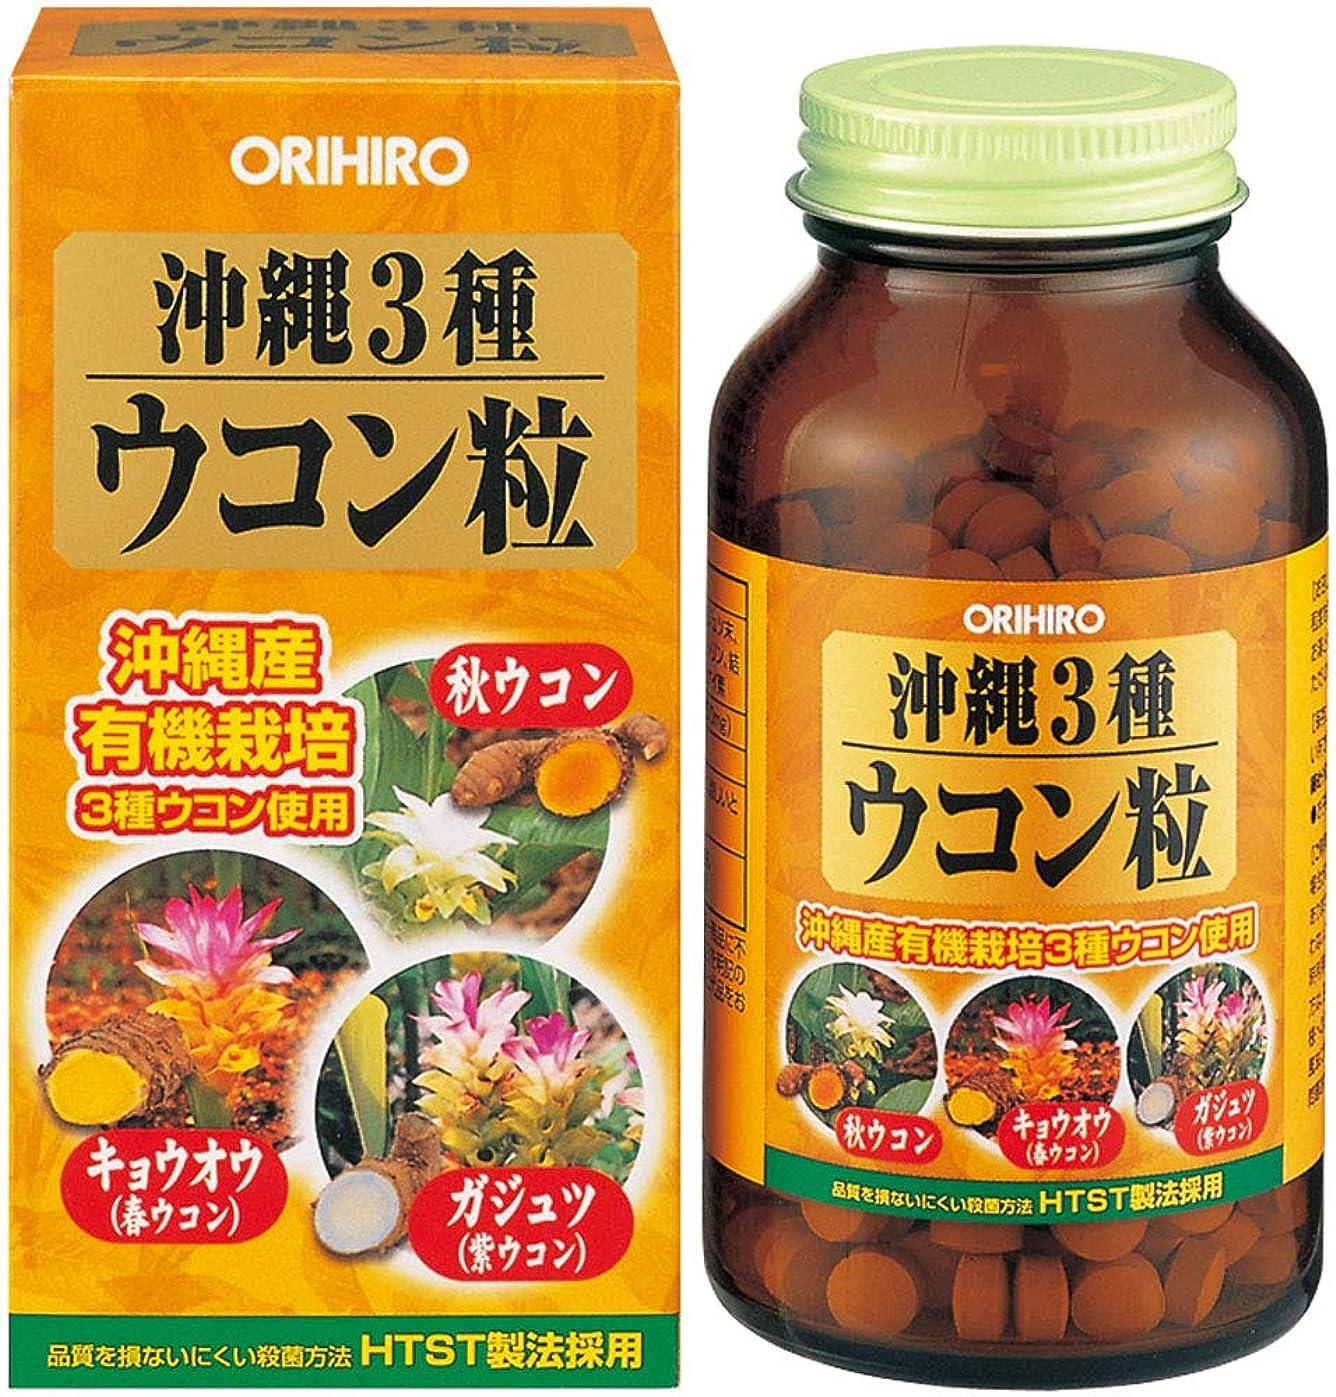 作者クリック雑種オリヒロ 沖縄3種ウコン粒